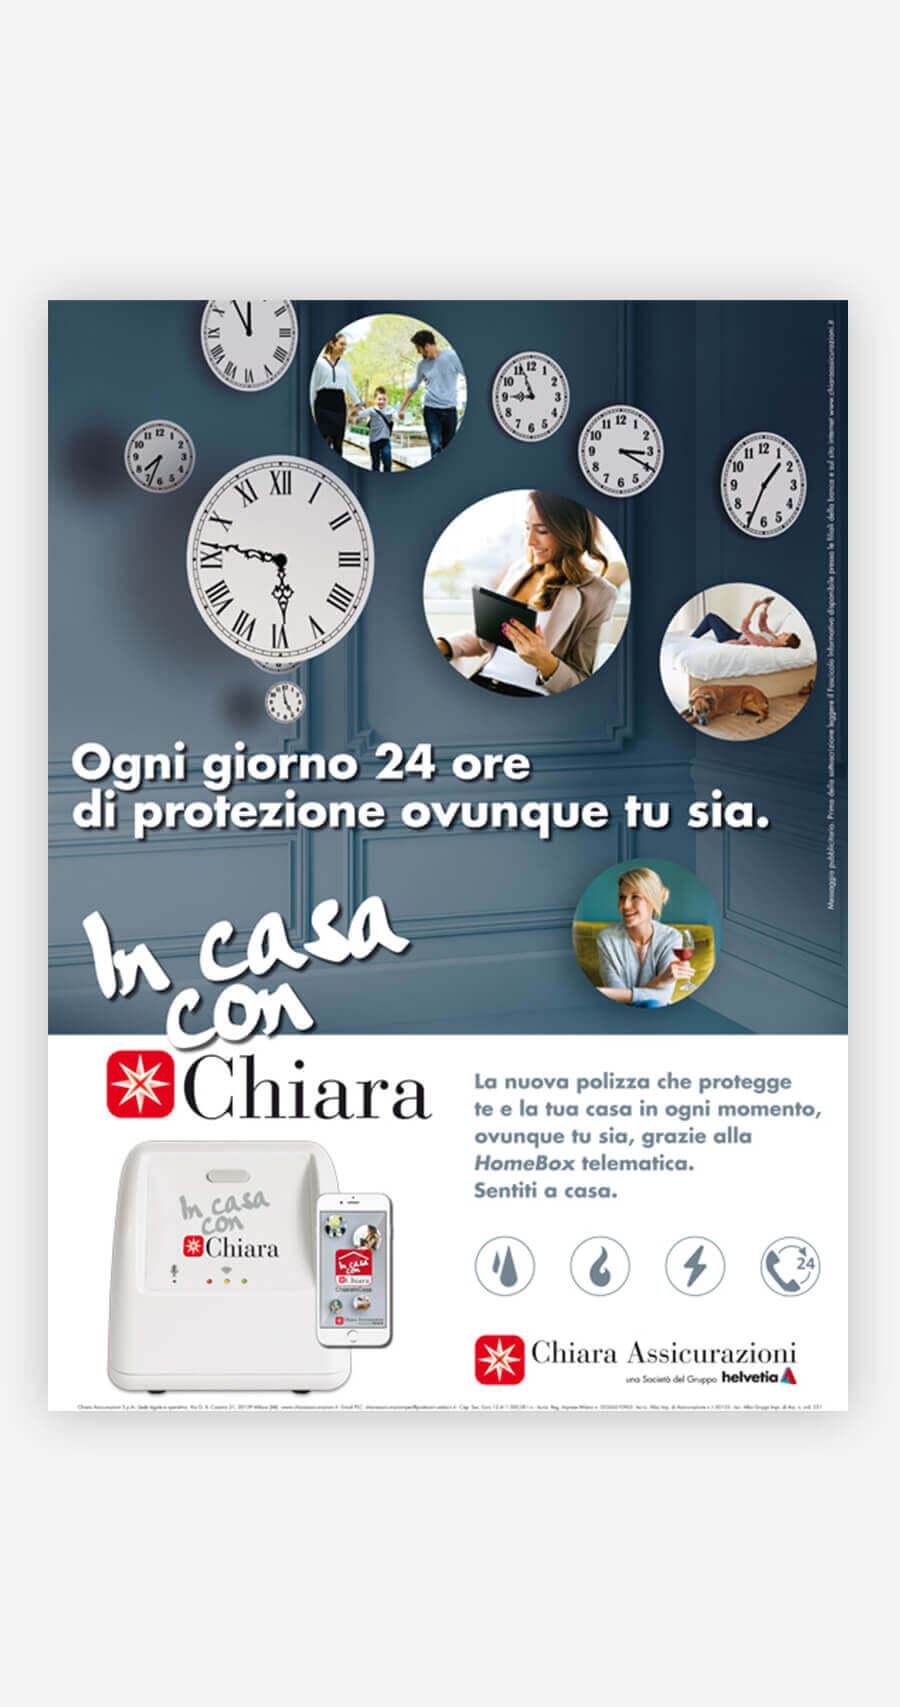 Chiara Assicurazioni INCASA